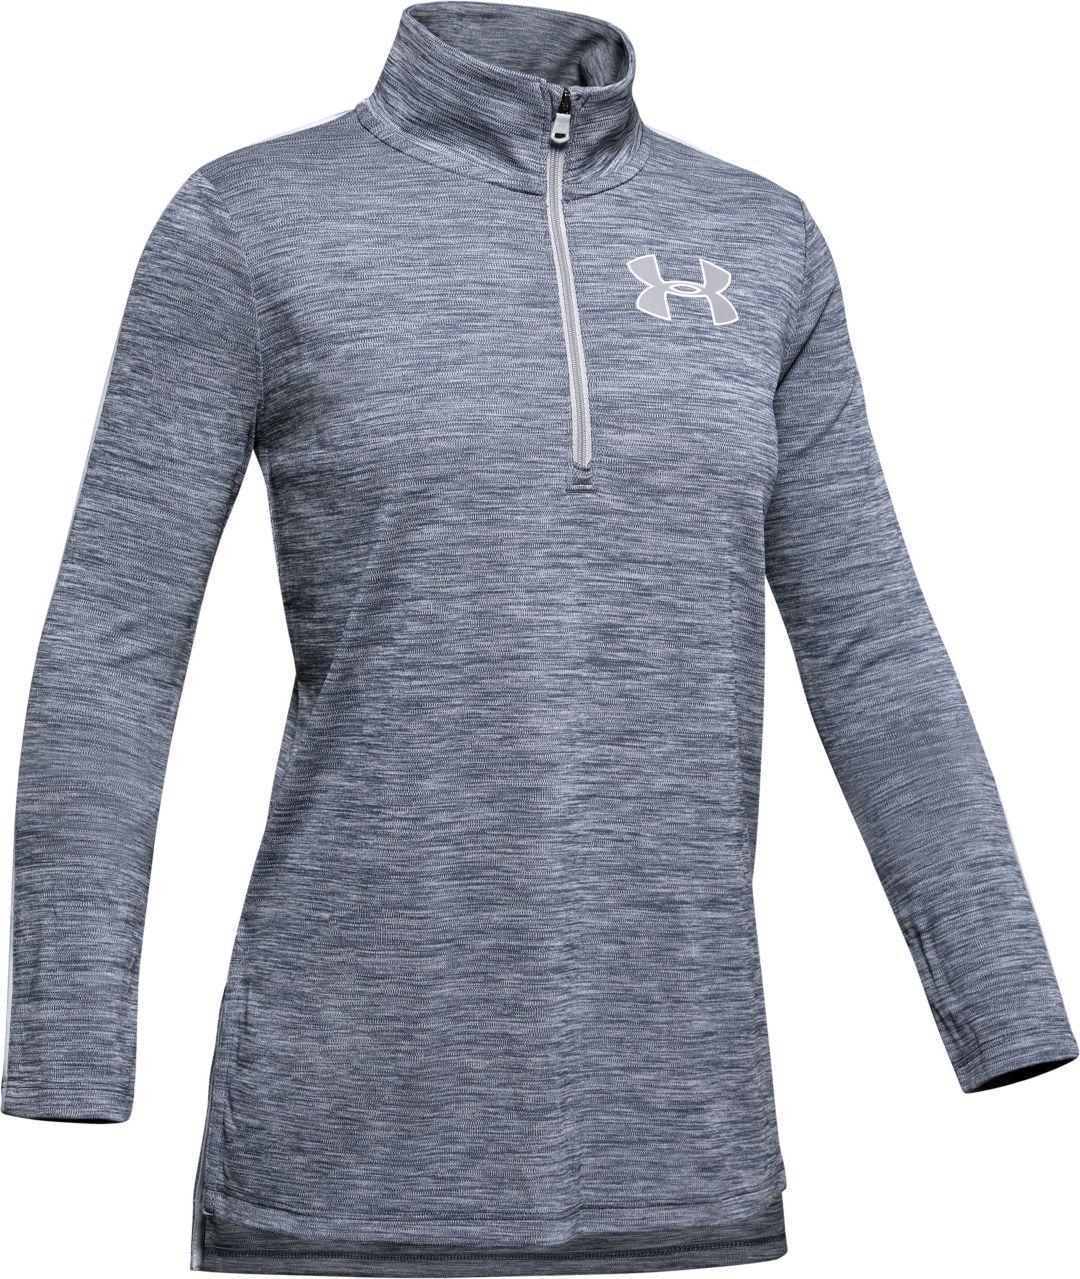 01516c4ff1 Under Armour Girl's Tech ½ Zip Long Sleeve Shirt